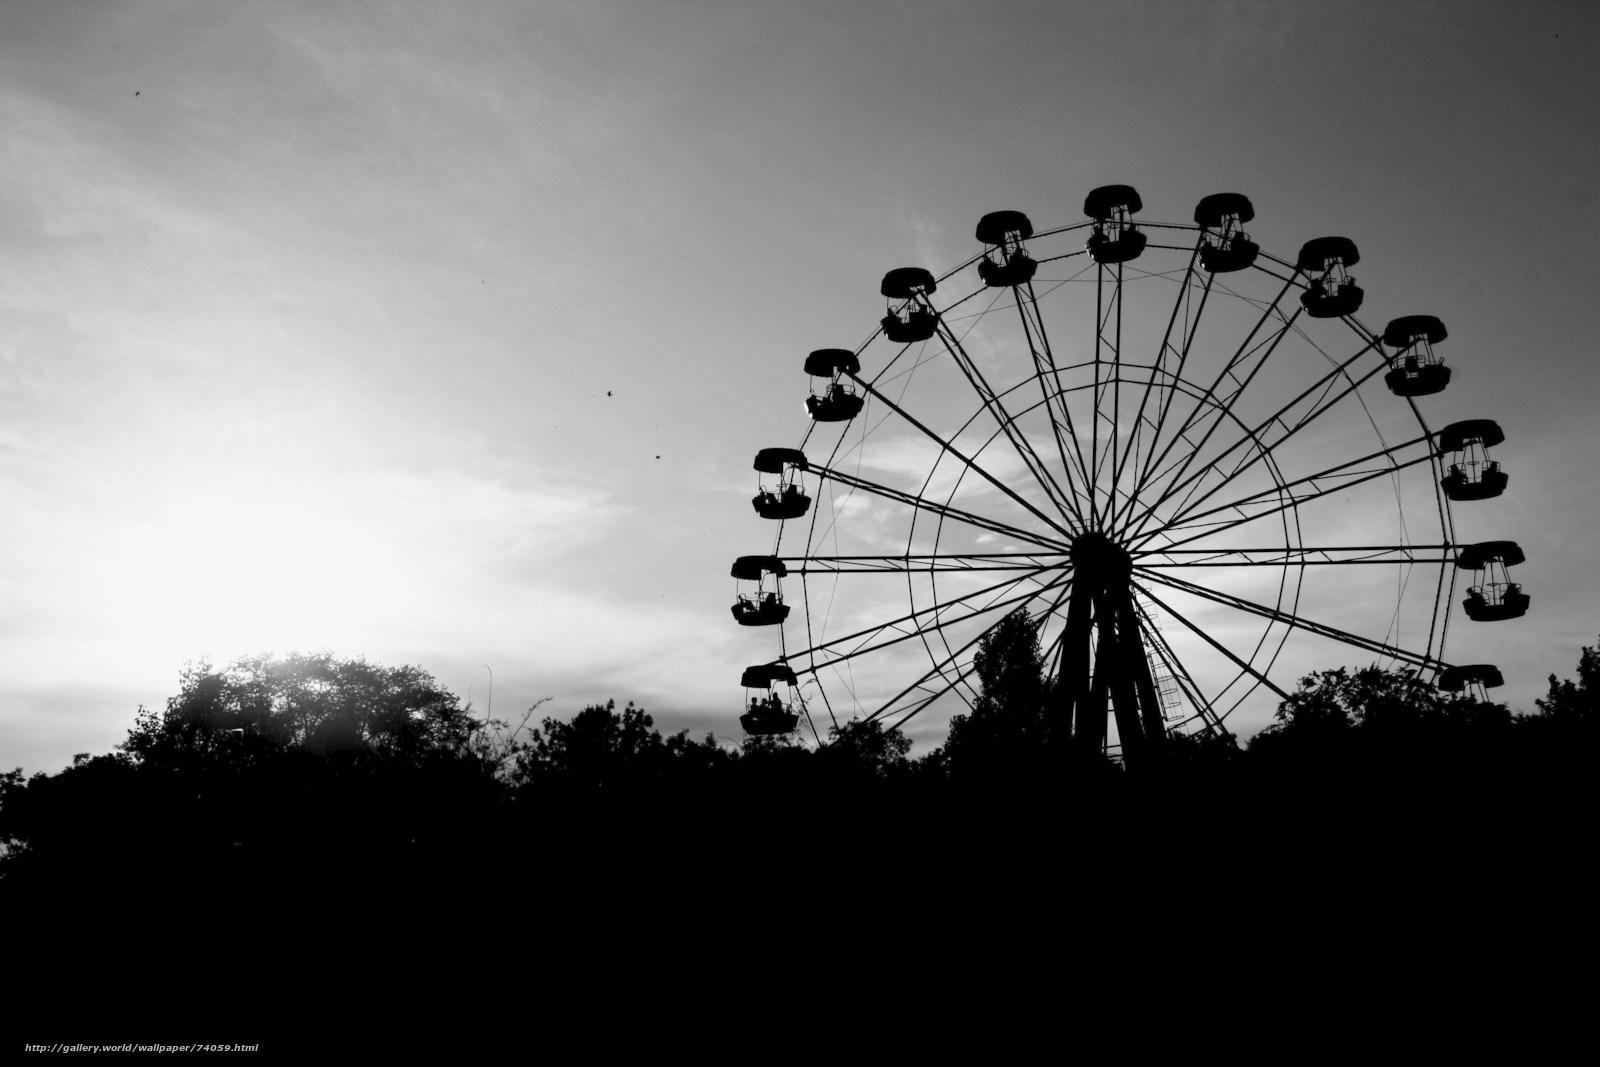 Секс на колесе обозрения рассказ 8 фотография